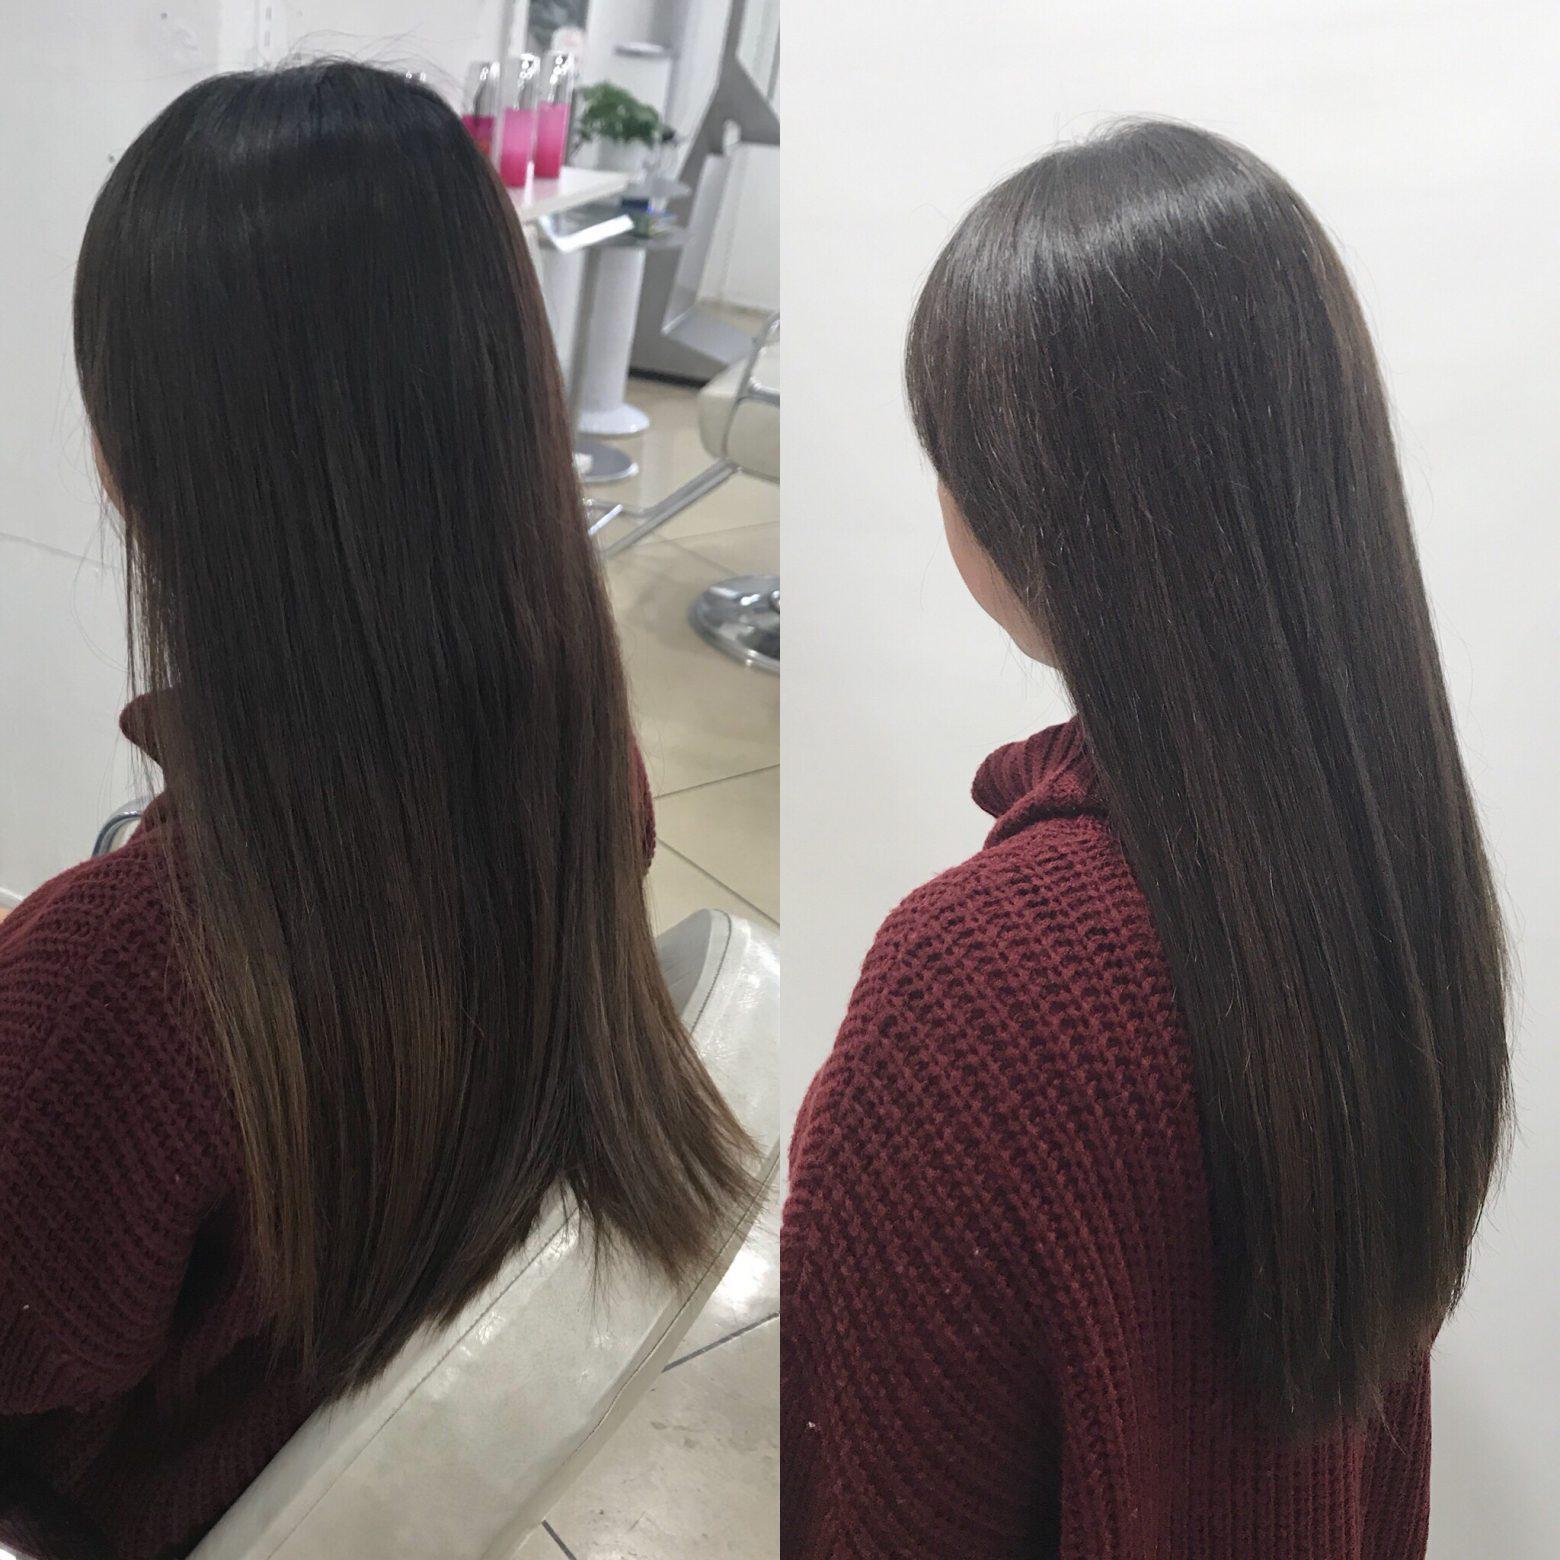 ヘアケア、復元、髪質…とか言ってるけれどつまりは『髪を綺麗にしたい』という事でした!